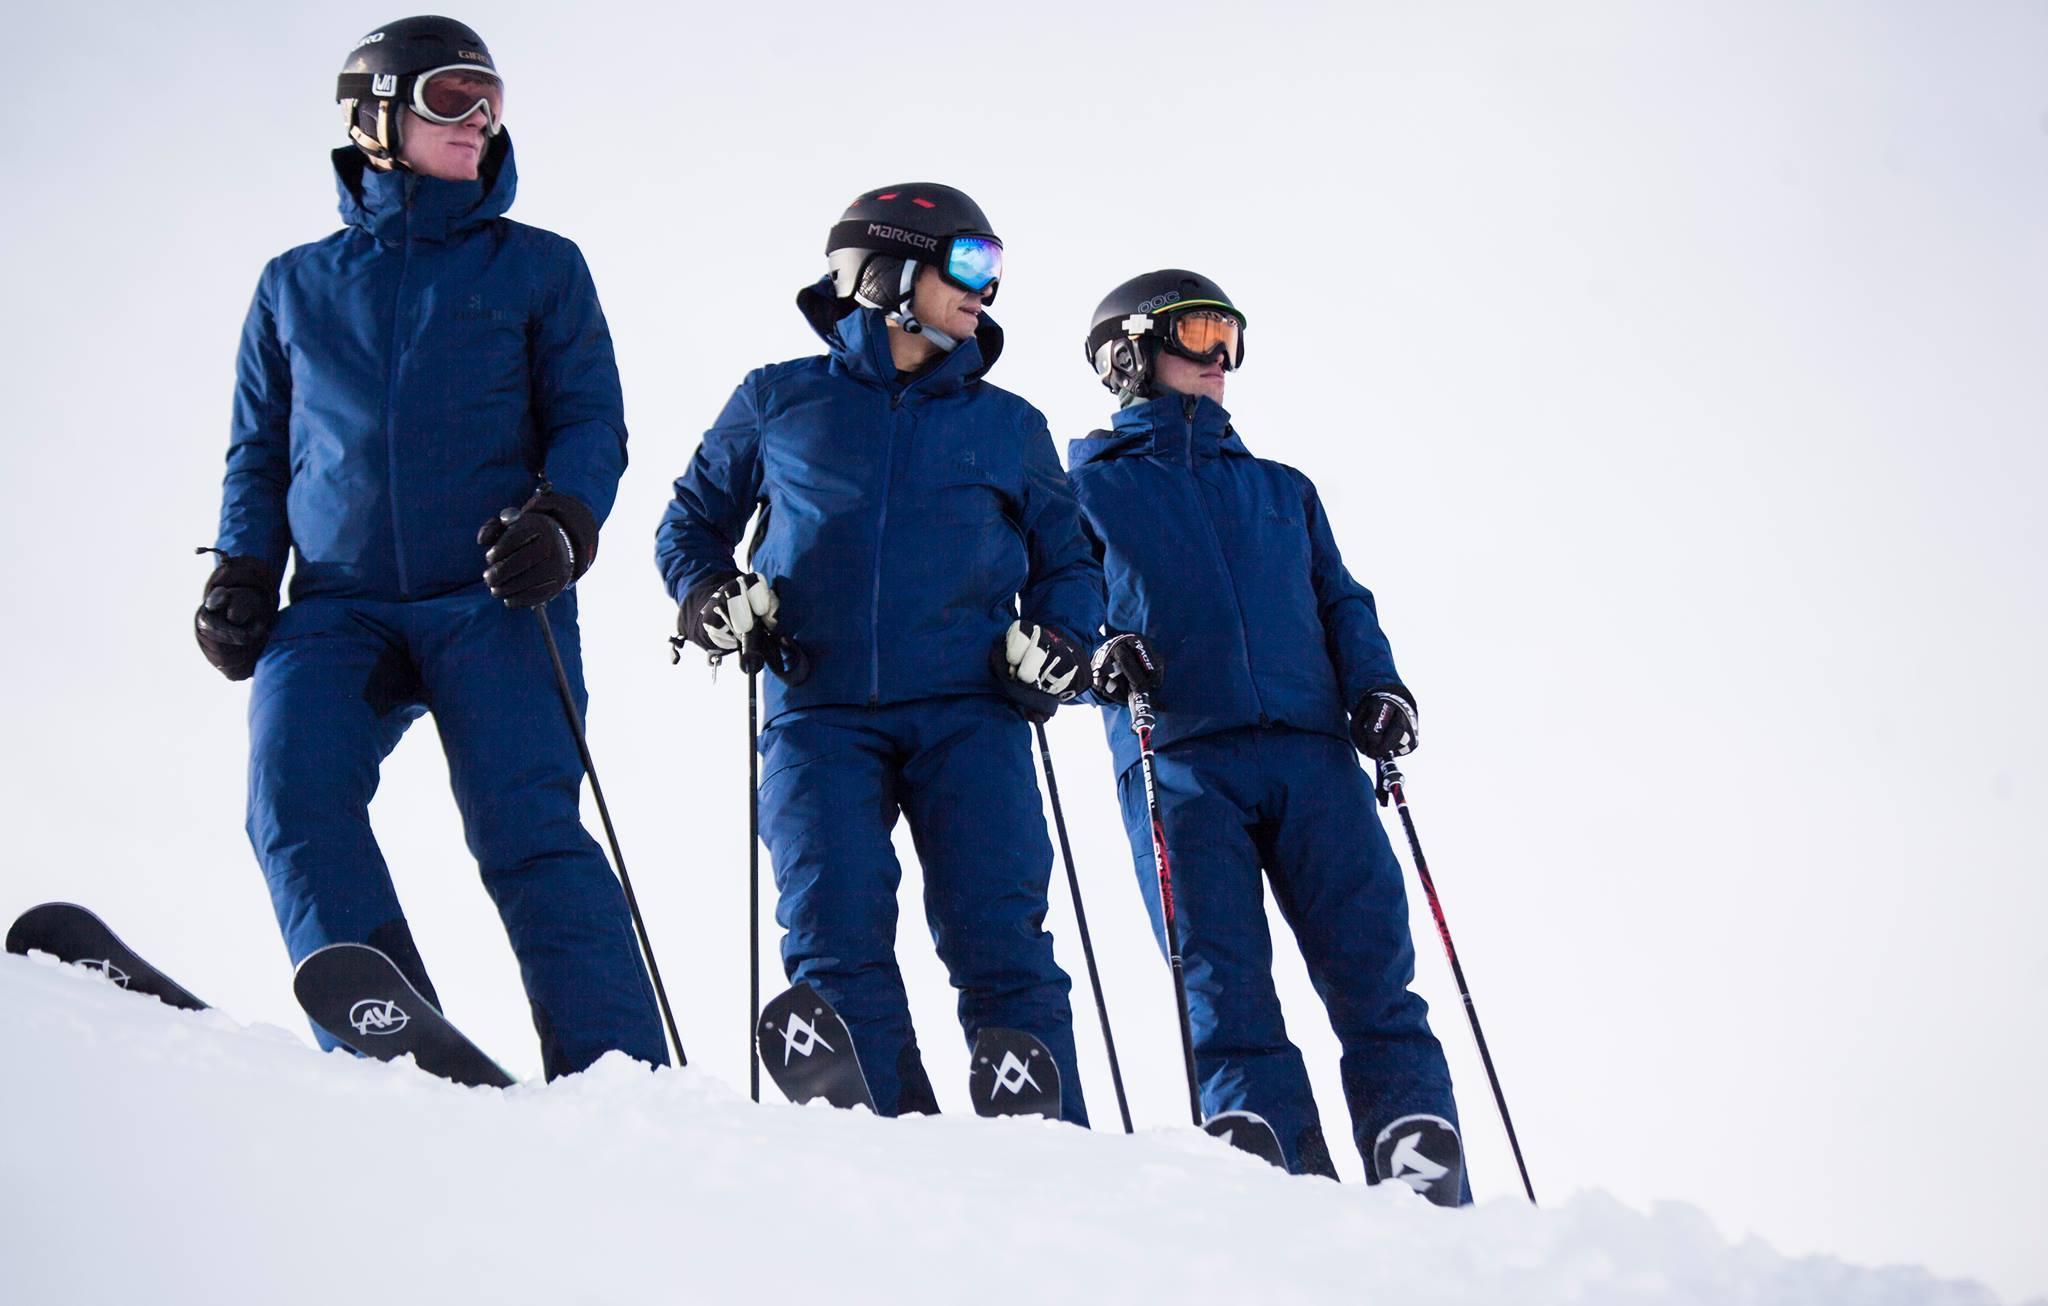 Cours particulier de ski Adultes pour Tous niveaux - Matin